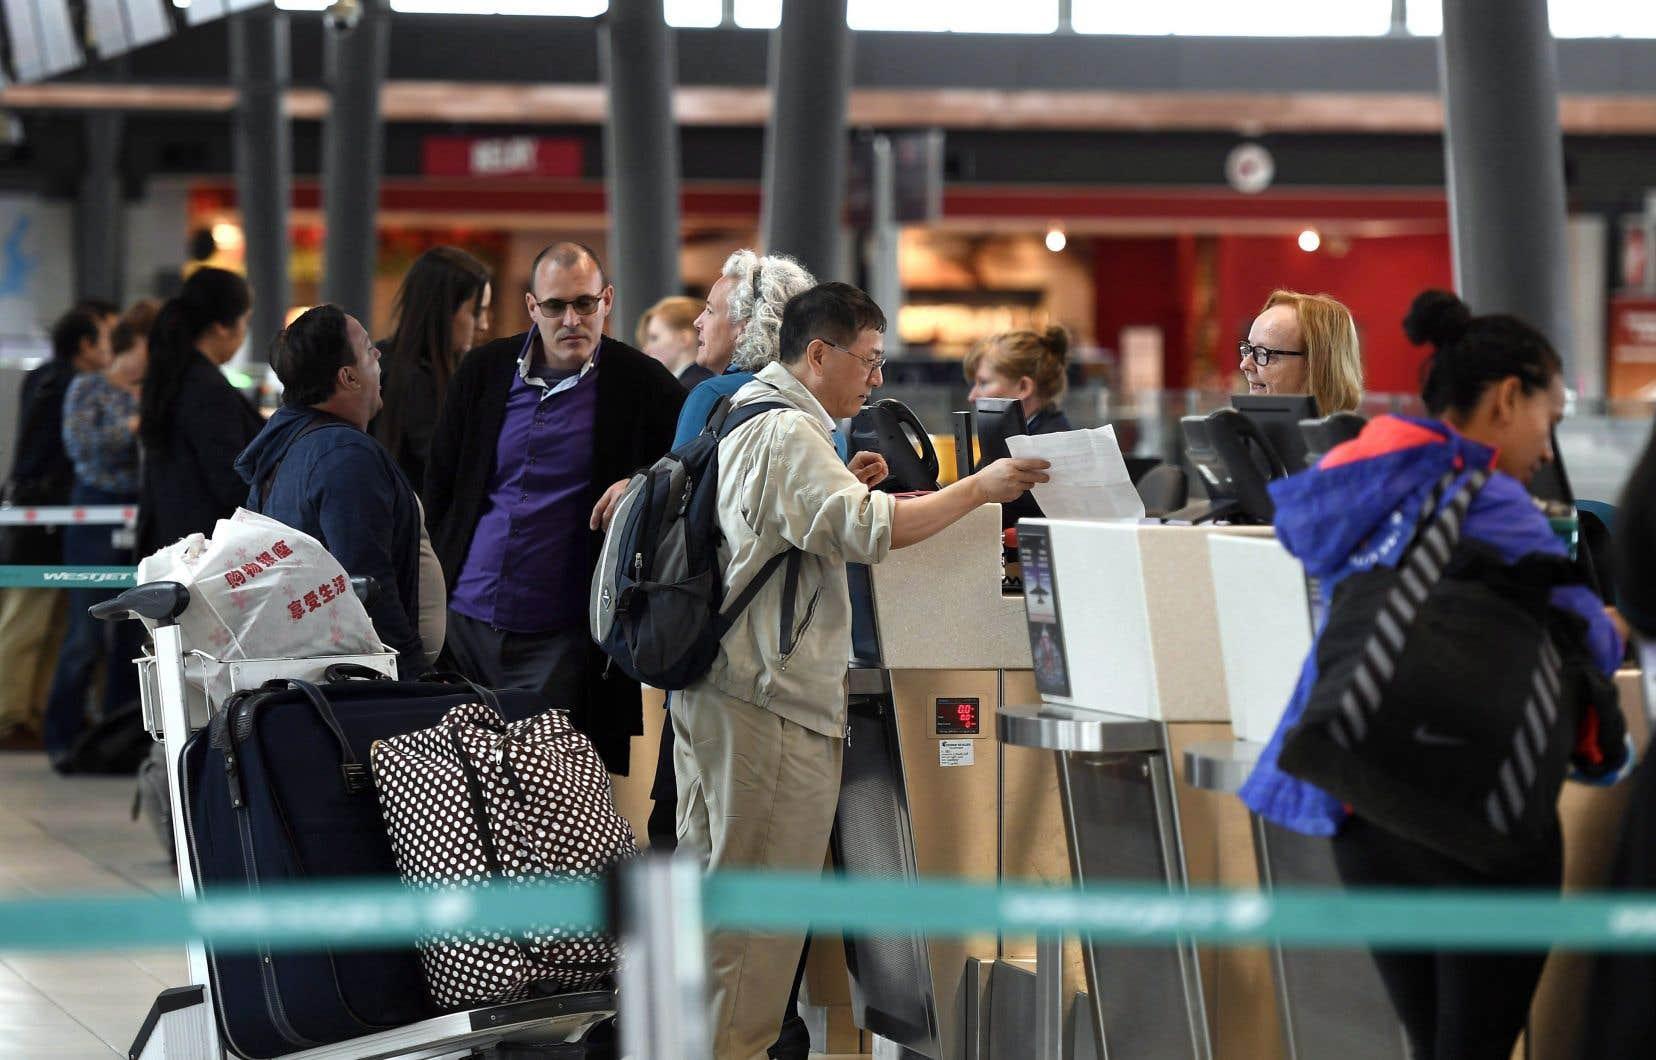 Avec le nouveau règlement, tous les transporteurs aériens seront logés à la même enseigne et devront rendre des comptes à leurs passagers.